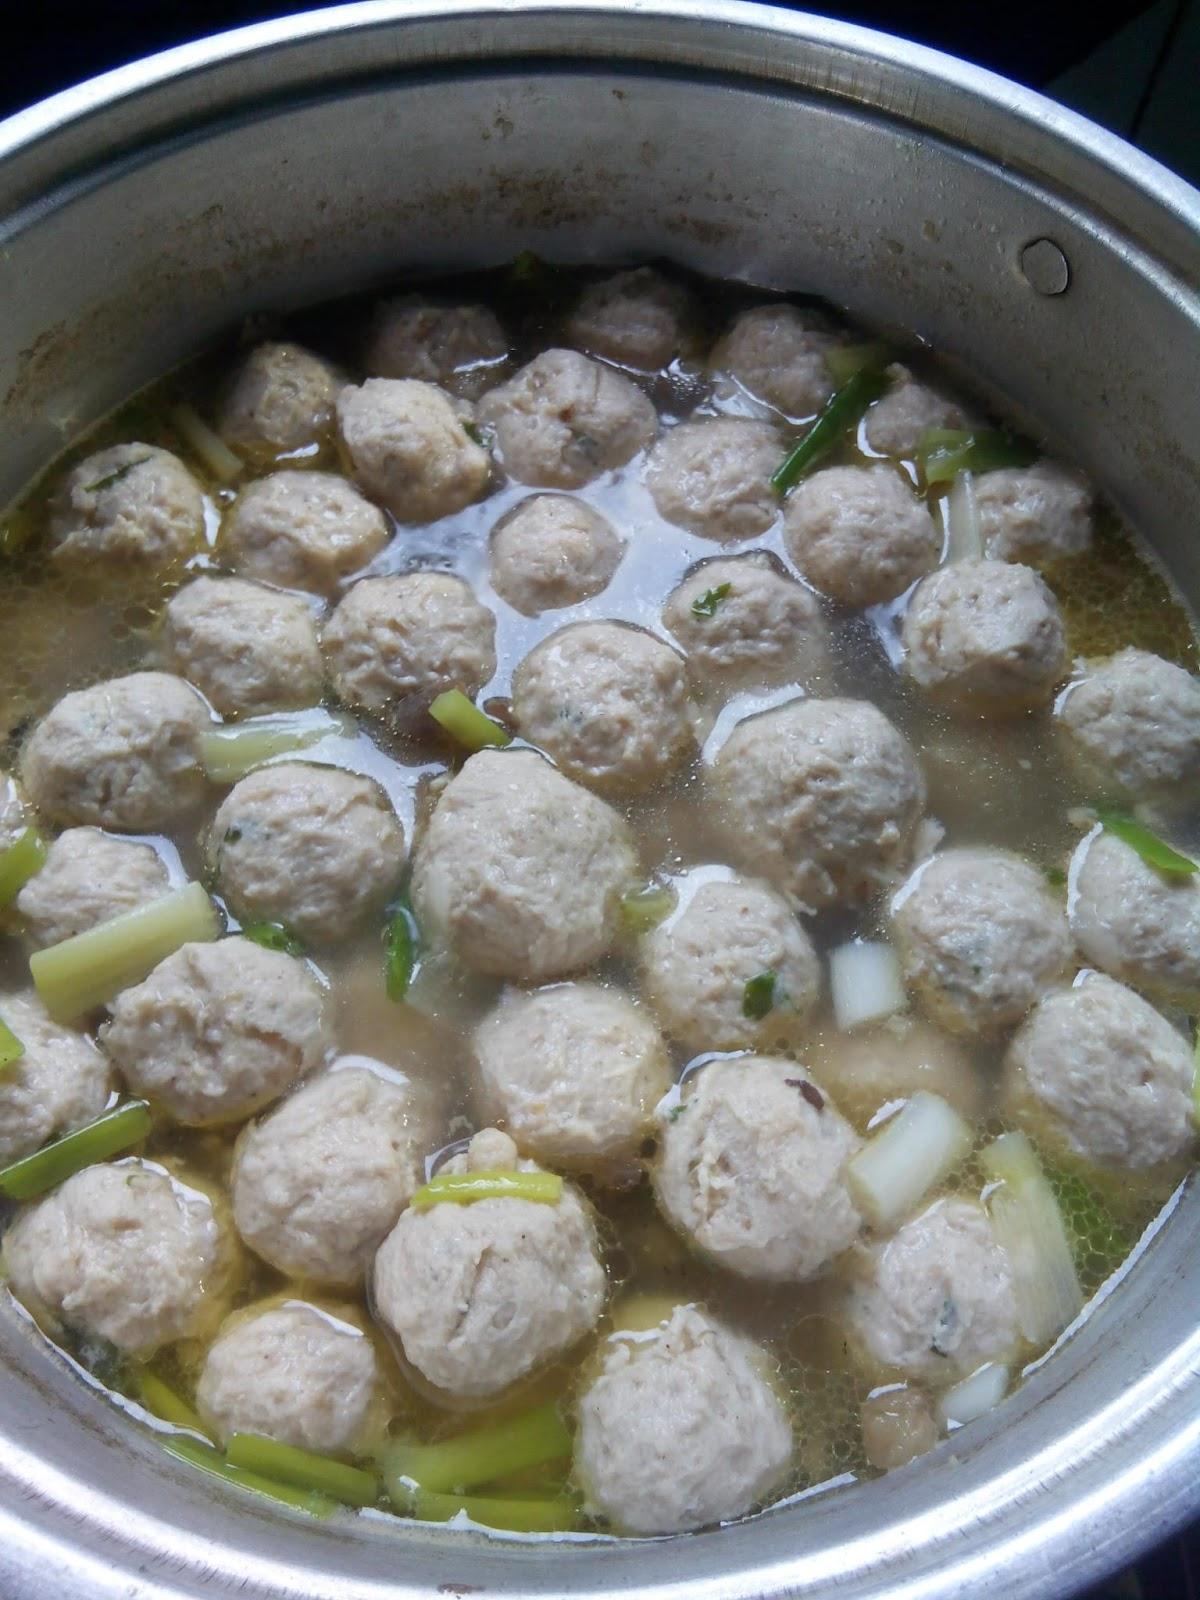 resep membuat pentol bakso daging ayam tentang resep membuat rh tiptopsehat blogspot com